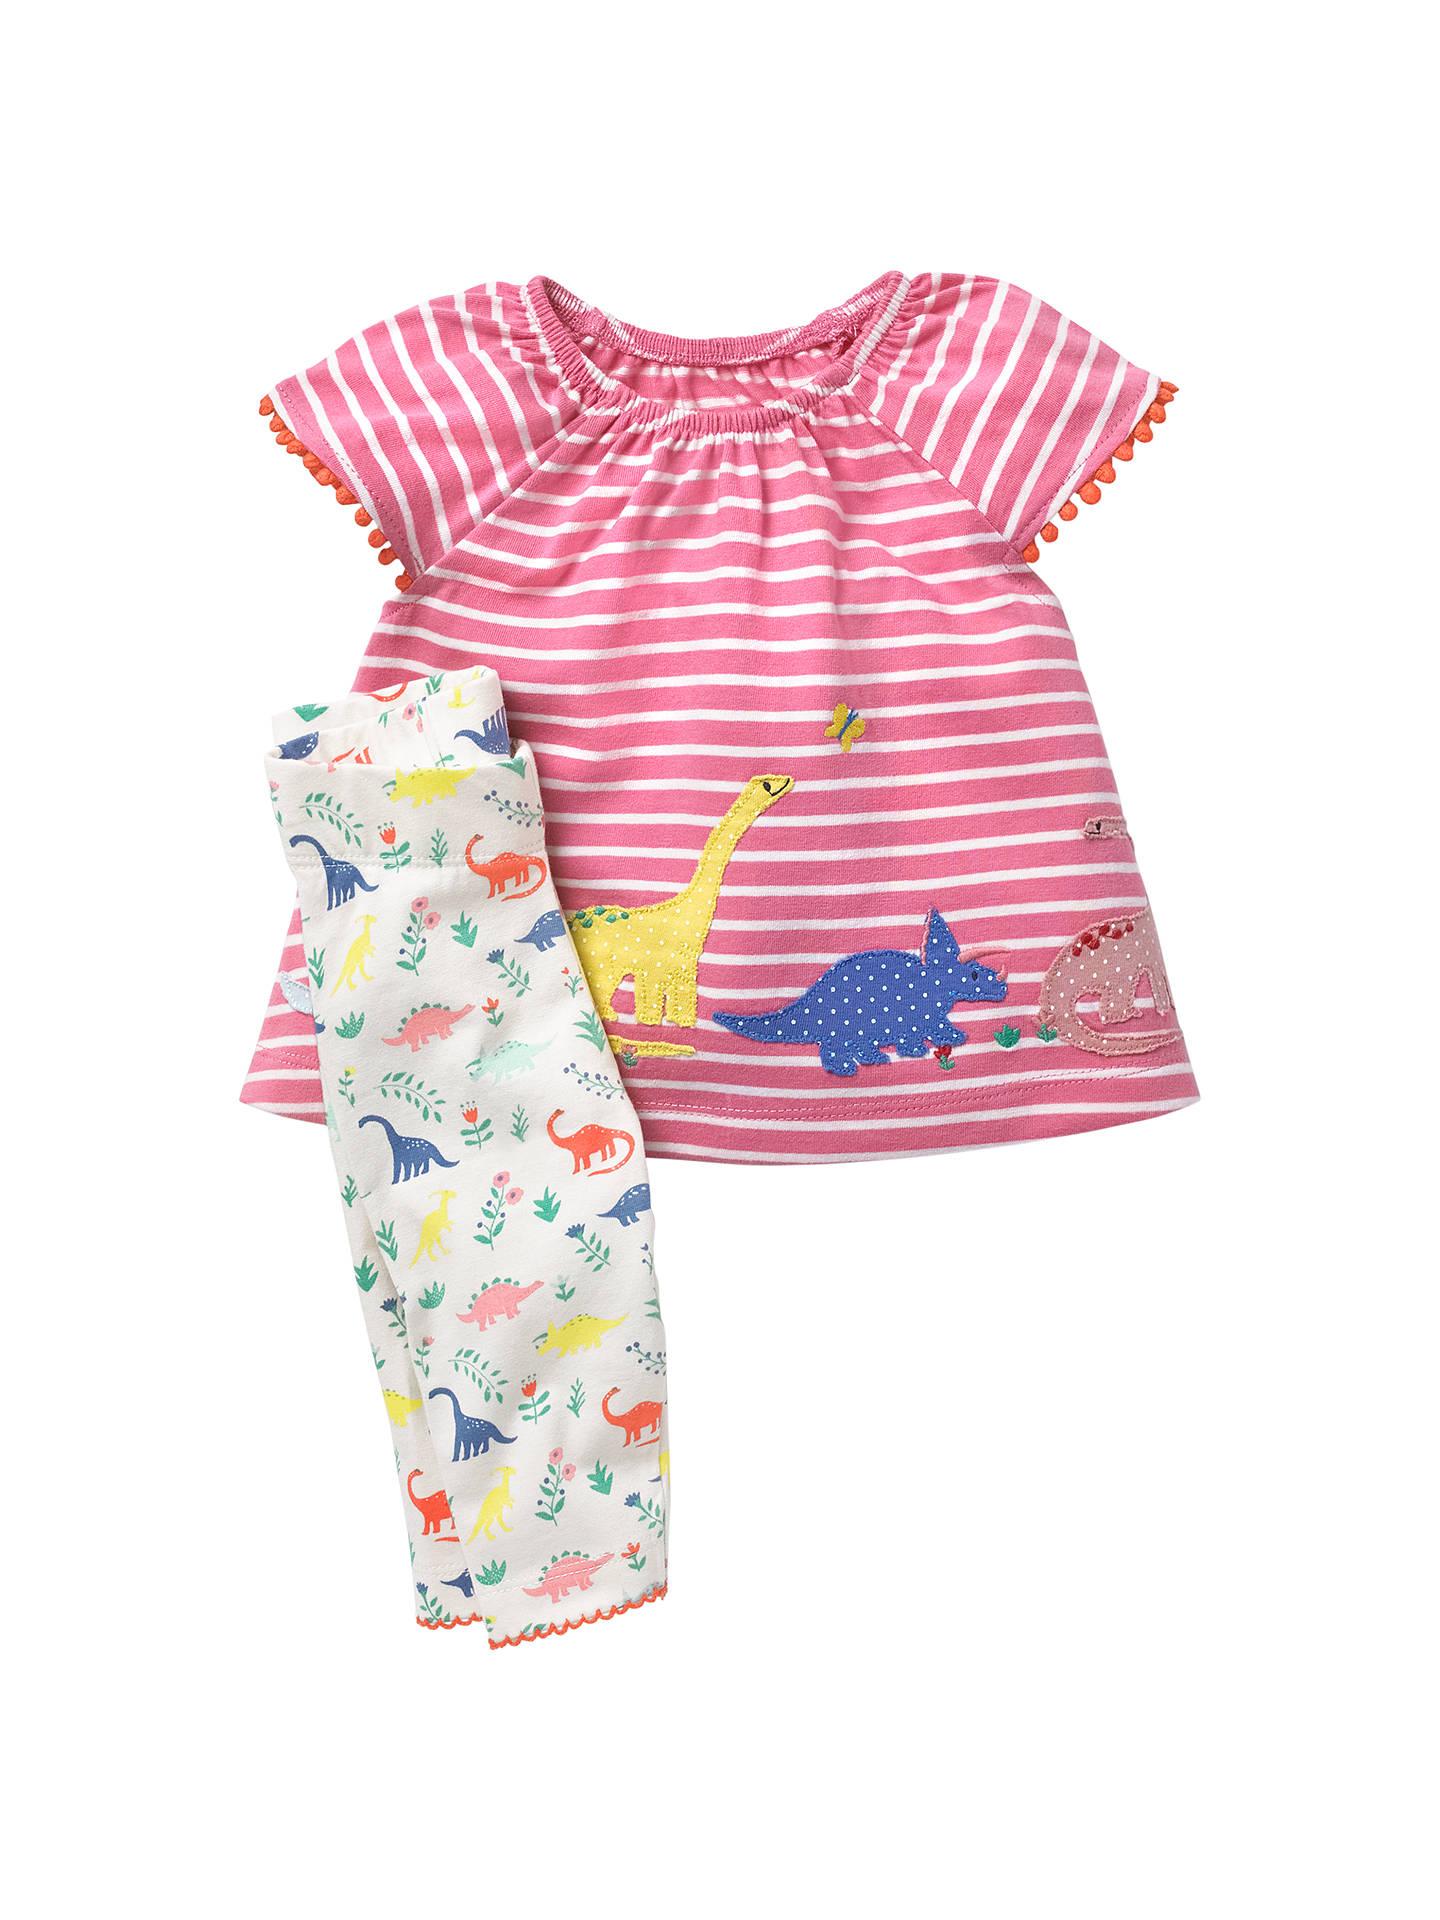 71b861106ce0 Mini Boden Baby Dino Stripe Top and Leggings Set, Pink at John Lewis ...